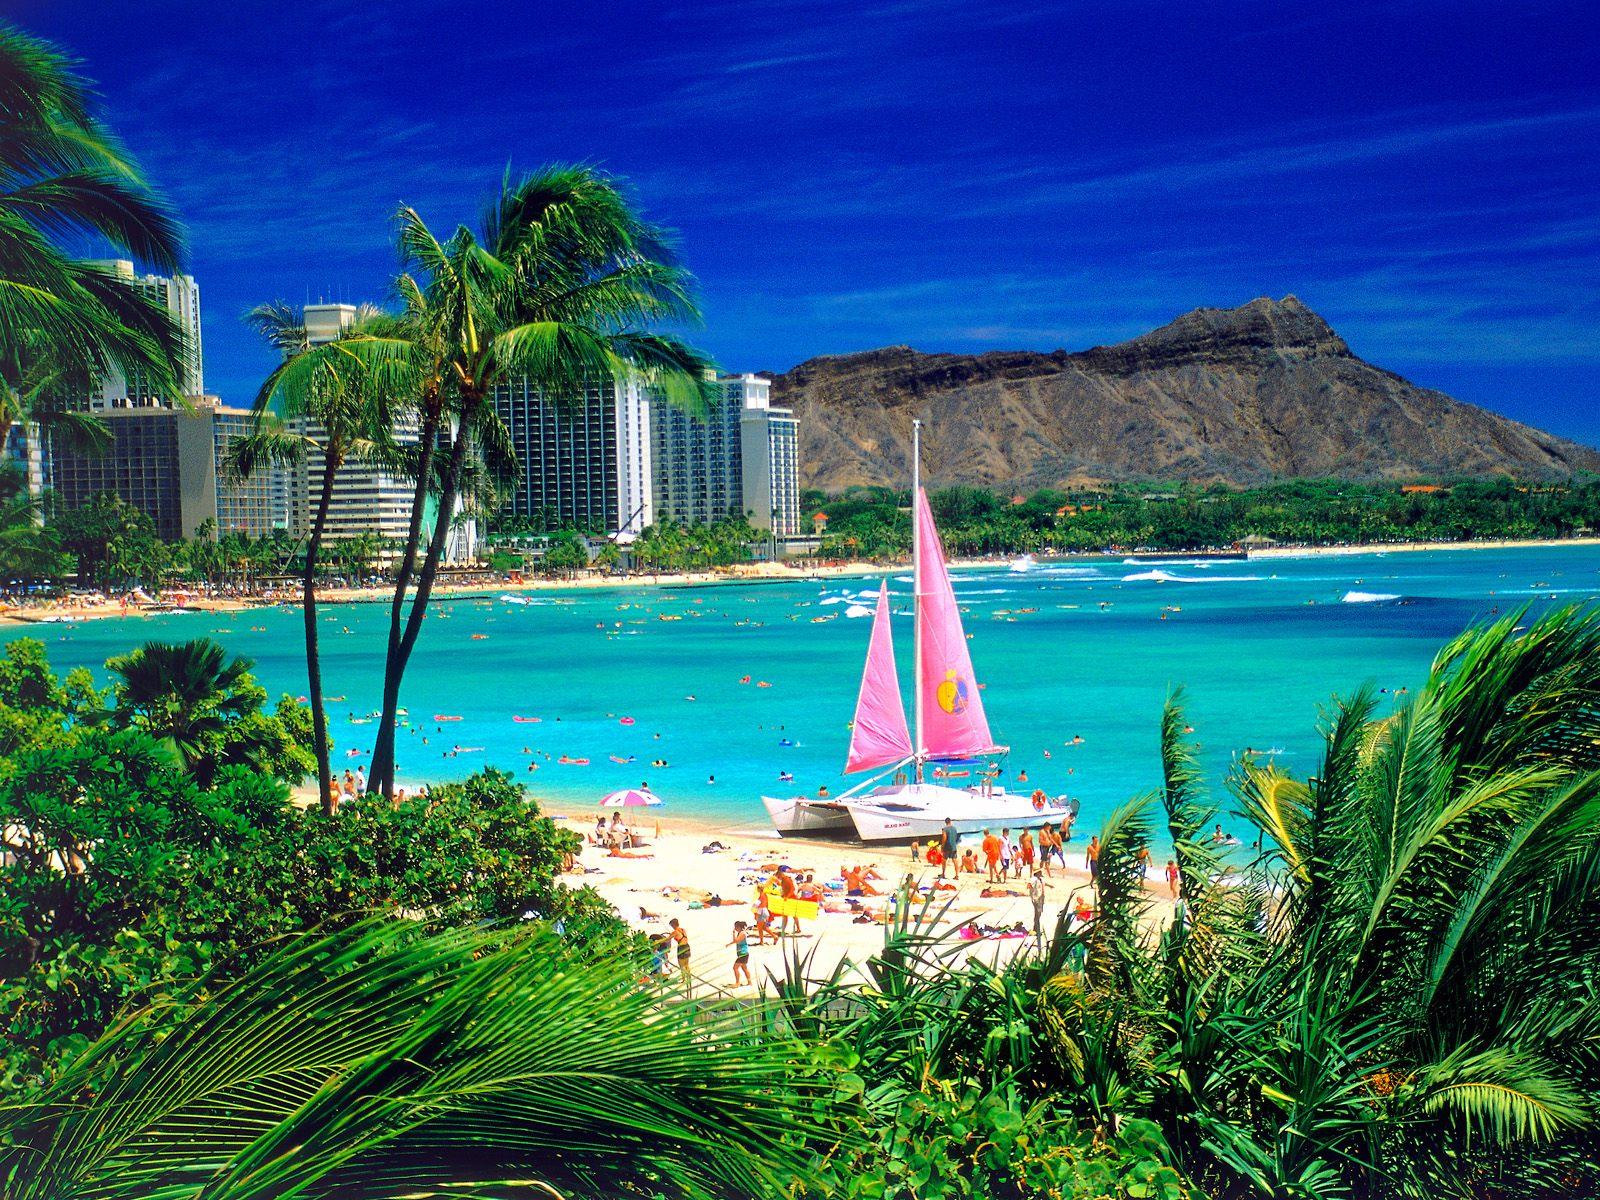 Waikiki, Ohau, Hawaii